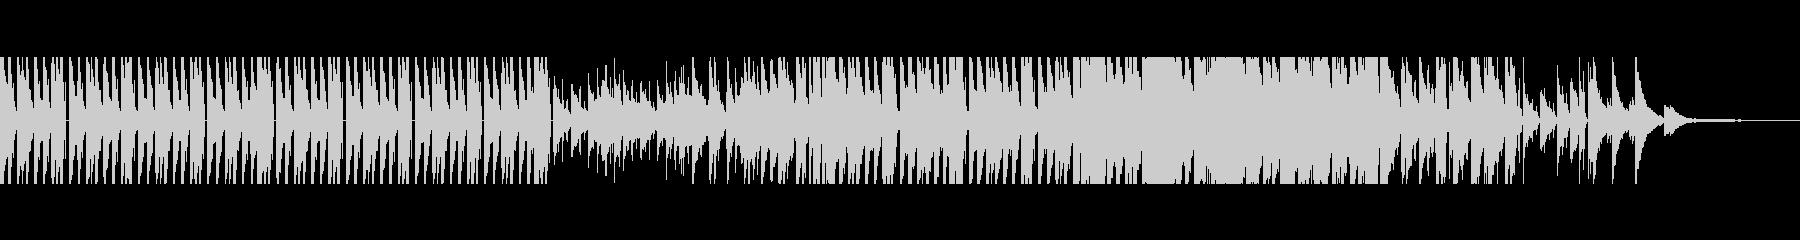 【短Ver4】80年代風洋楽ポップロックの未再生の波形